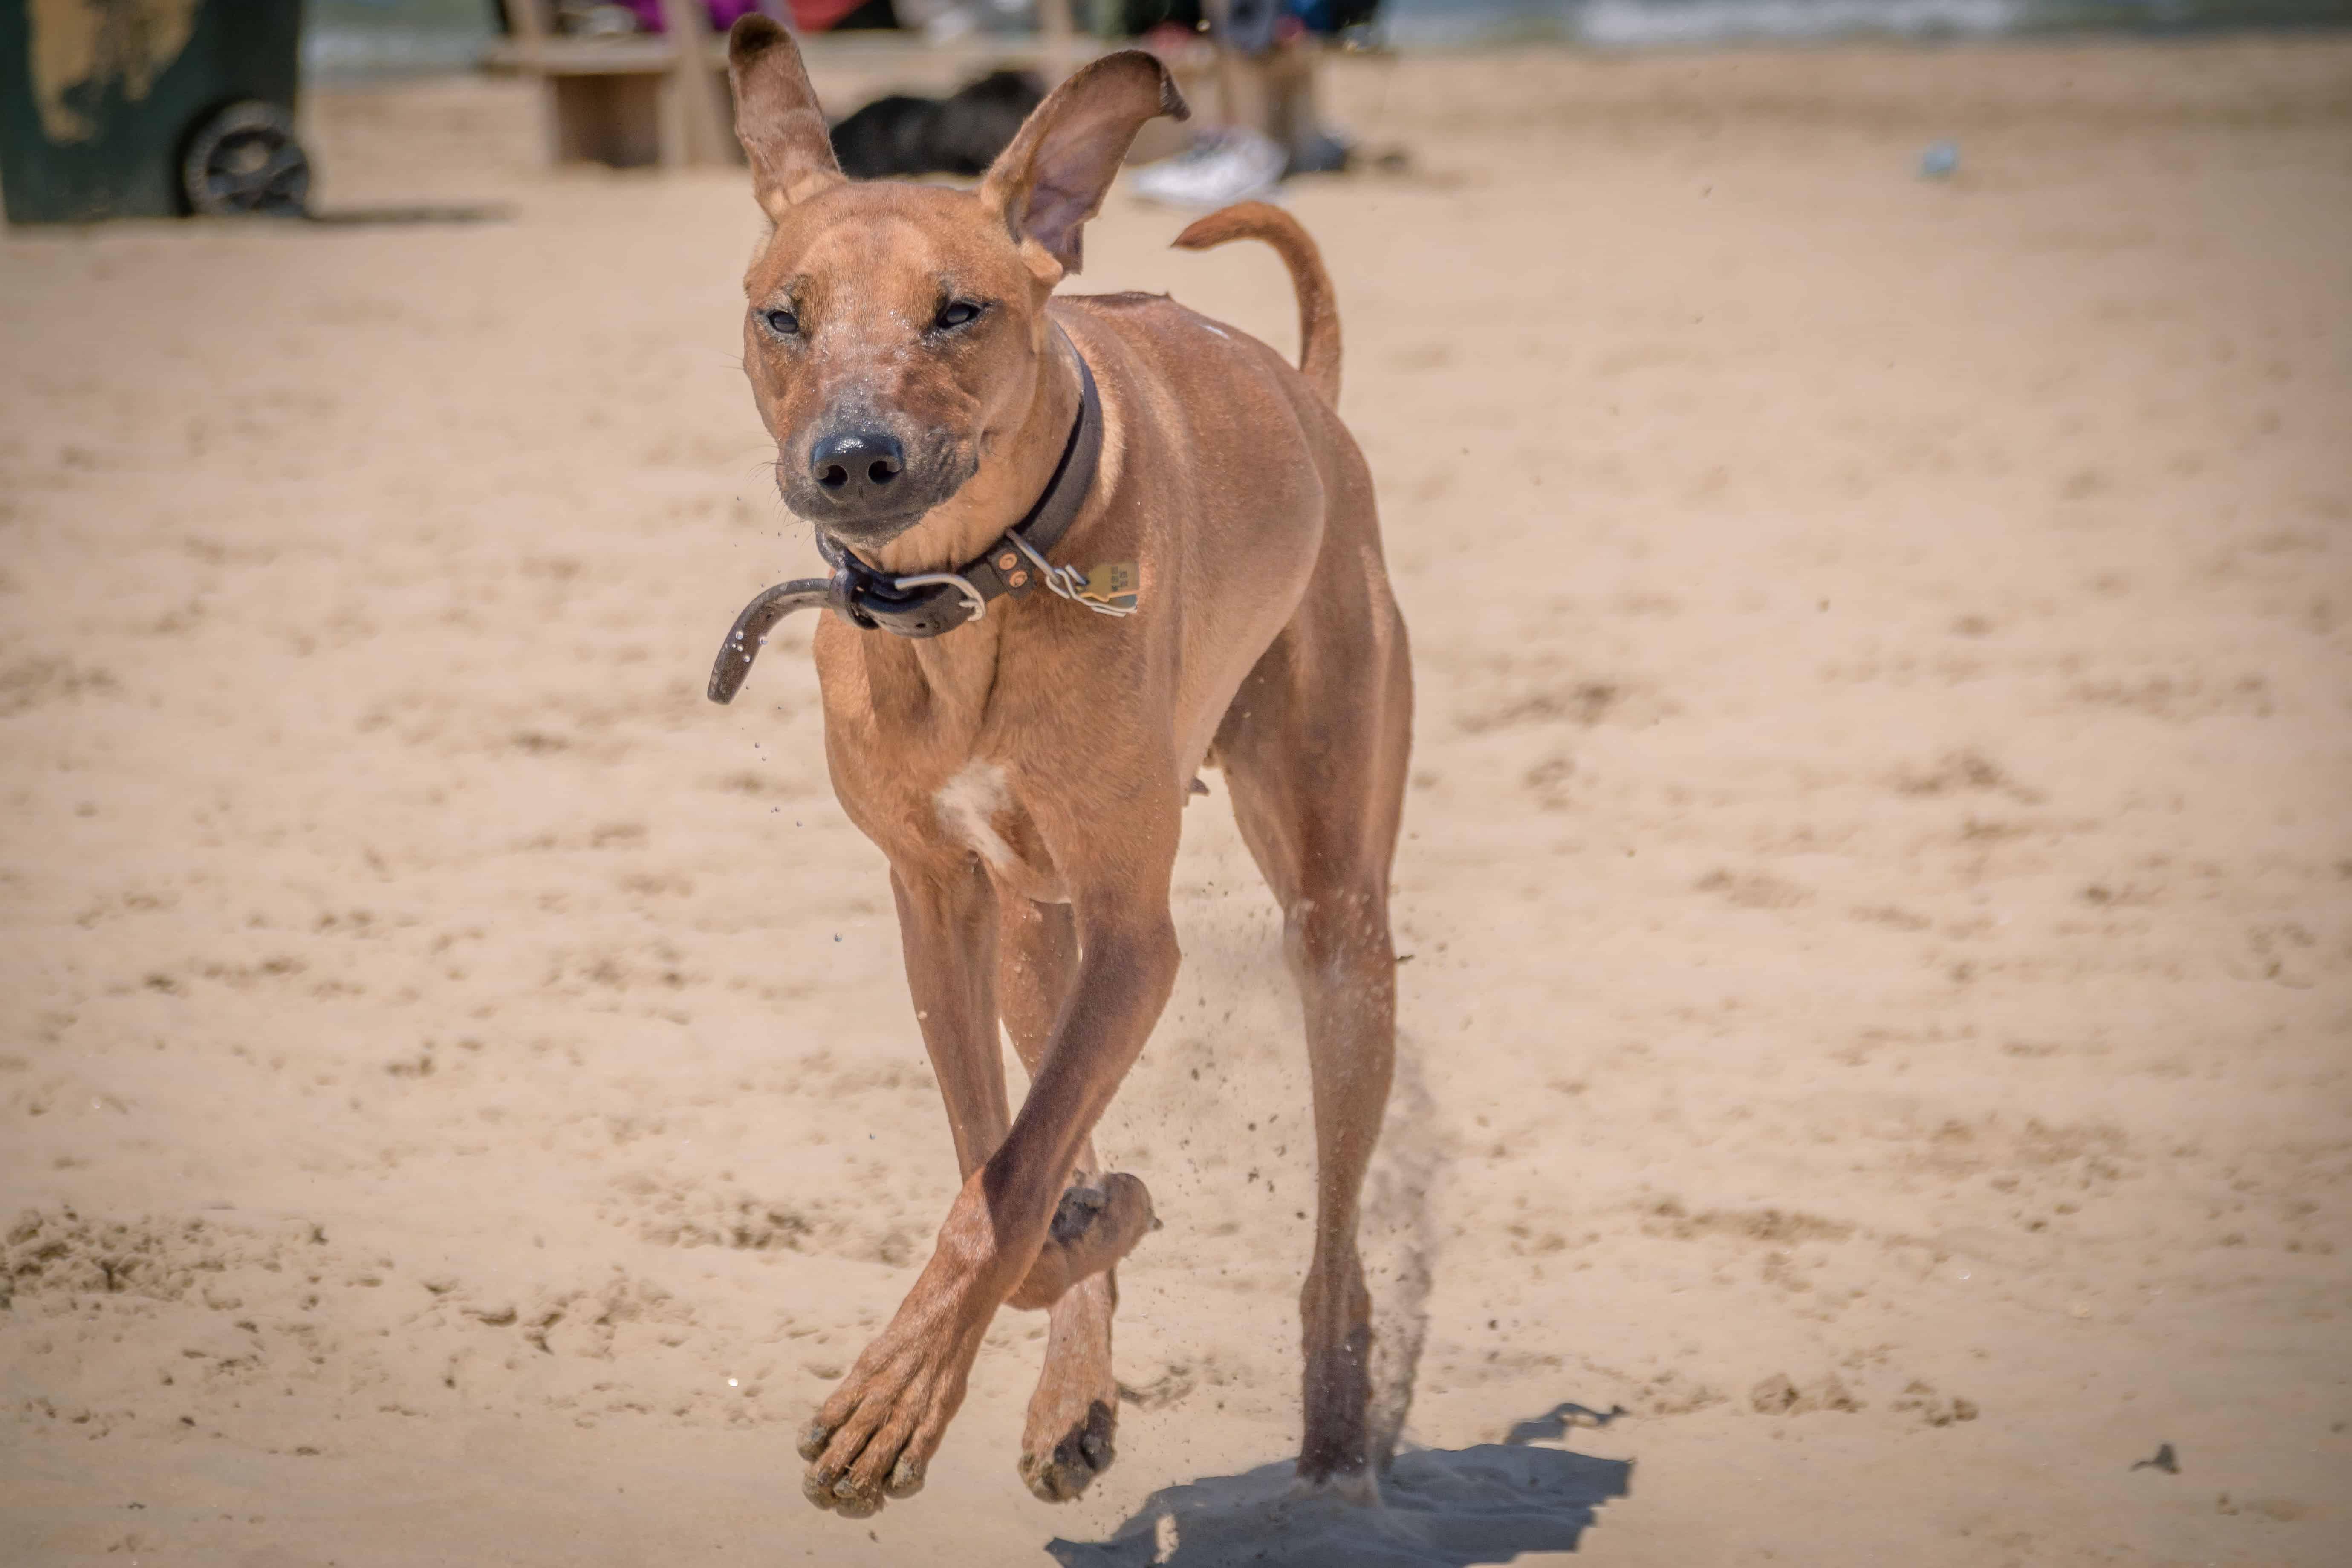 Rhodesian Ridgeback, puppy, montrose dog beach, chicago, adventure